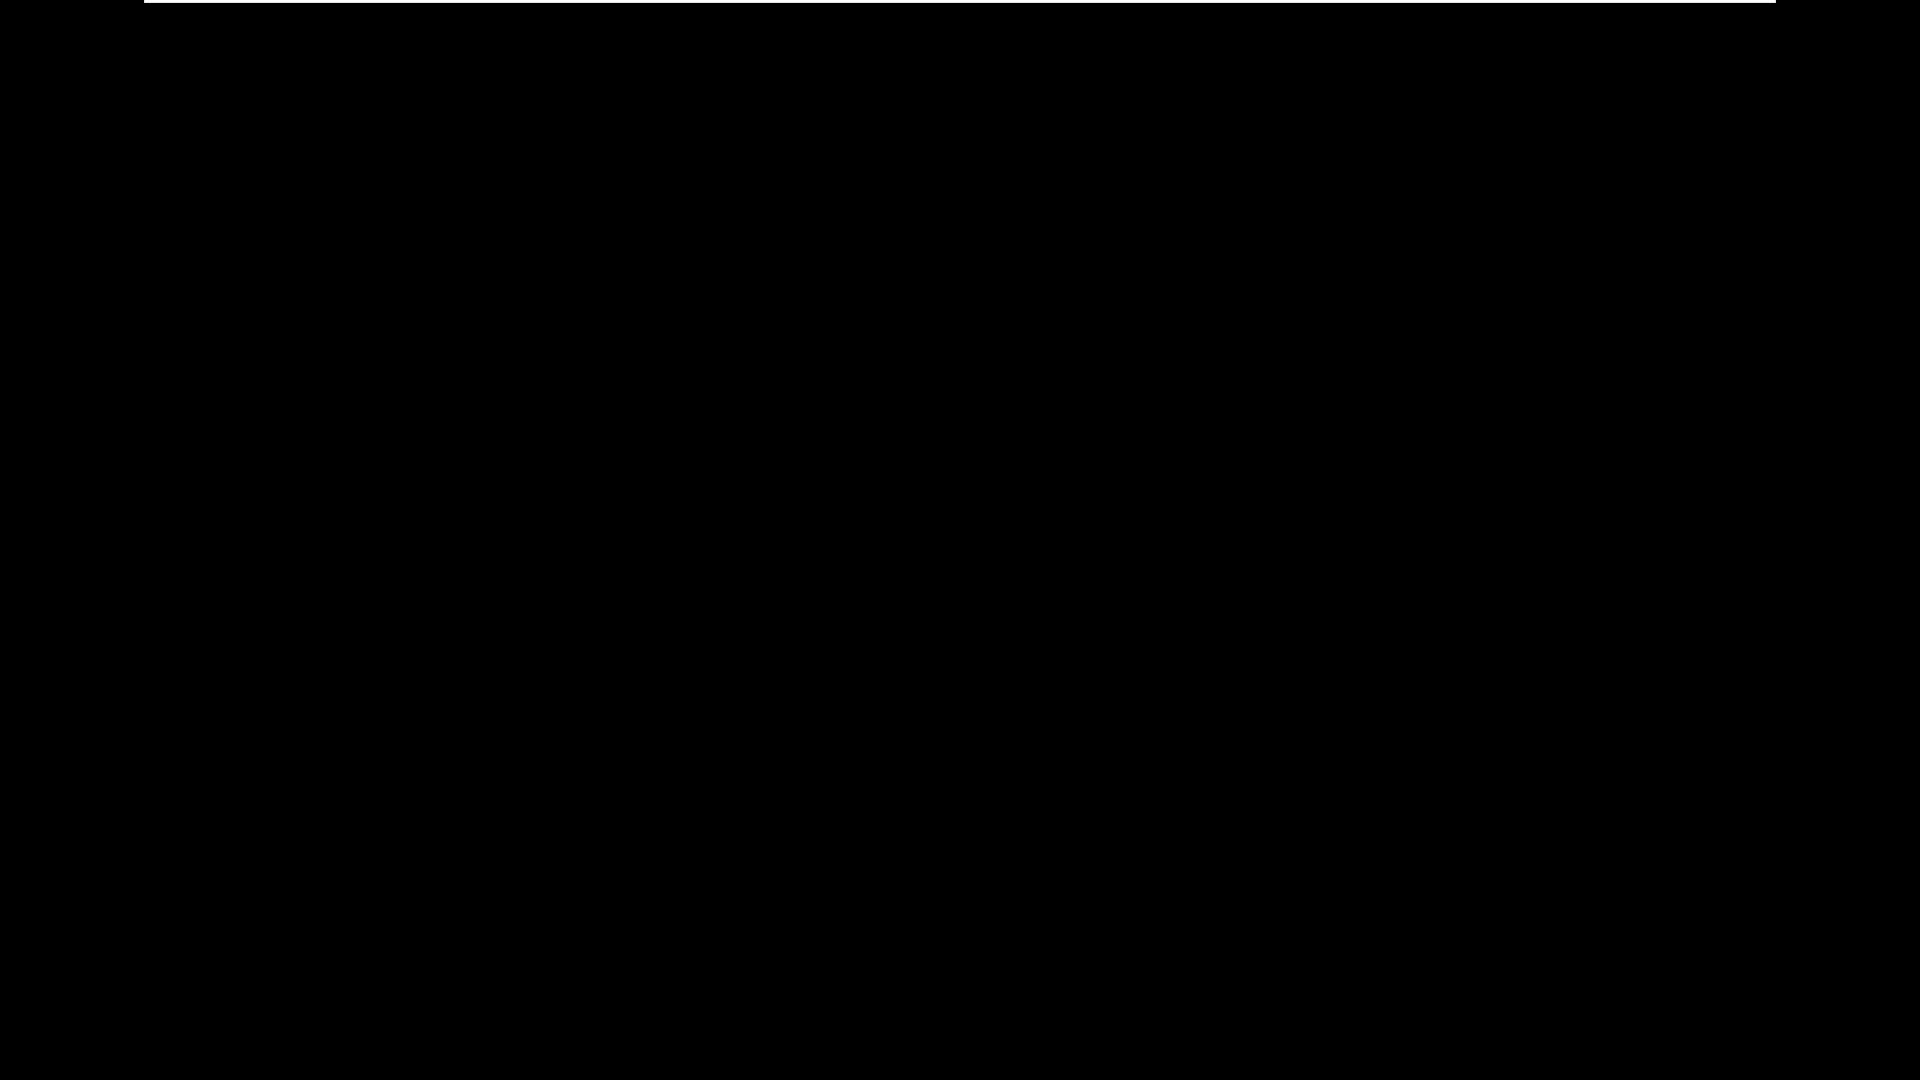 imageres.dll적용 테스트 - Windows 10 ROG EDITION 2020 v7 - 버전 20H2만 적용되네요 2021-04-29_150325.jpg